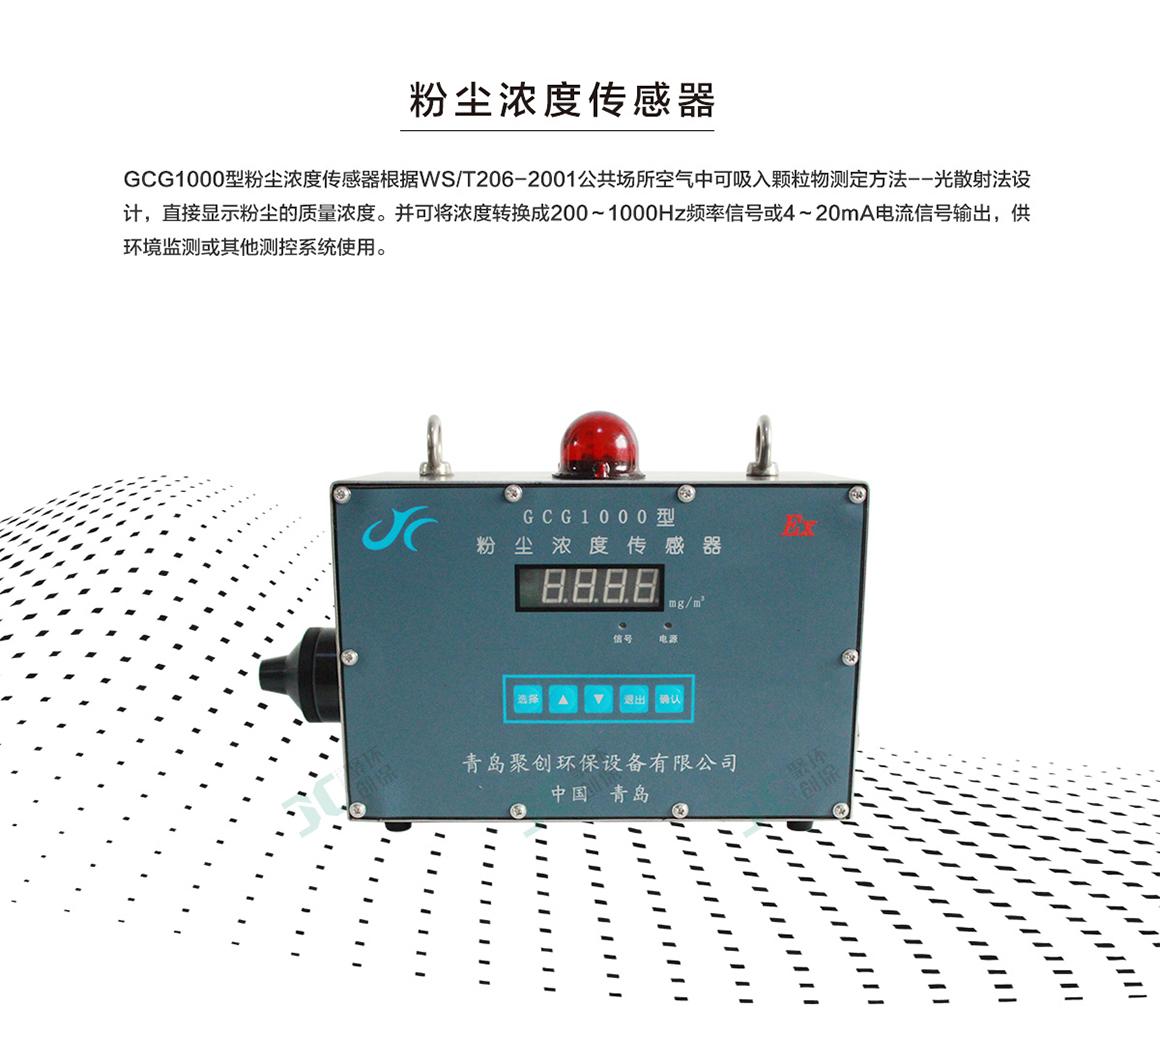 GCG1000粉塵濃度傳感器在粉塵環境的解決方案